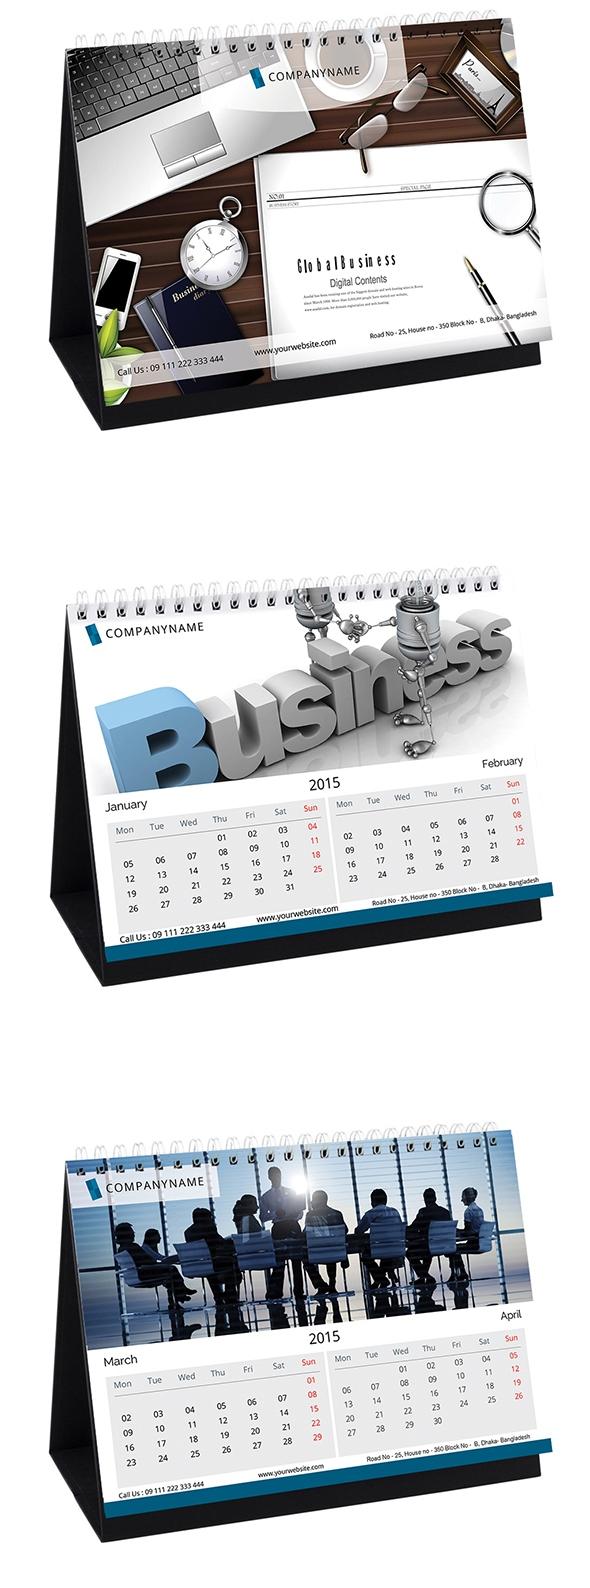 Template Kalender Meja - Kalender-Meja-2015-09-2015-Desk-Calendar-PSD-DESIGN